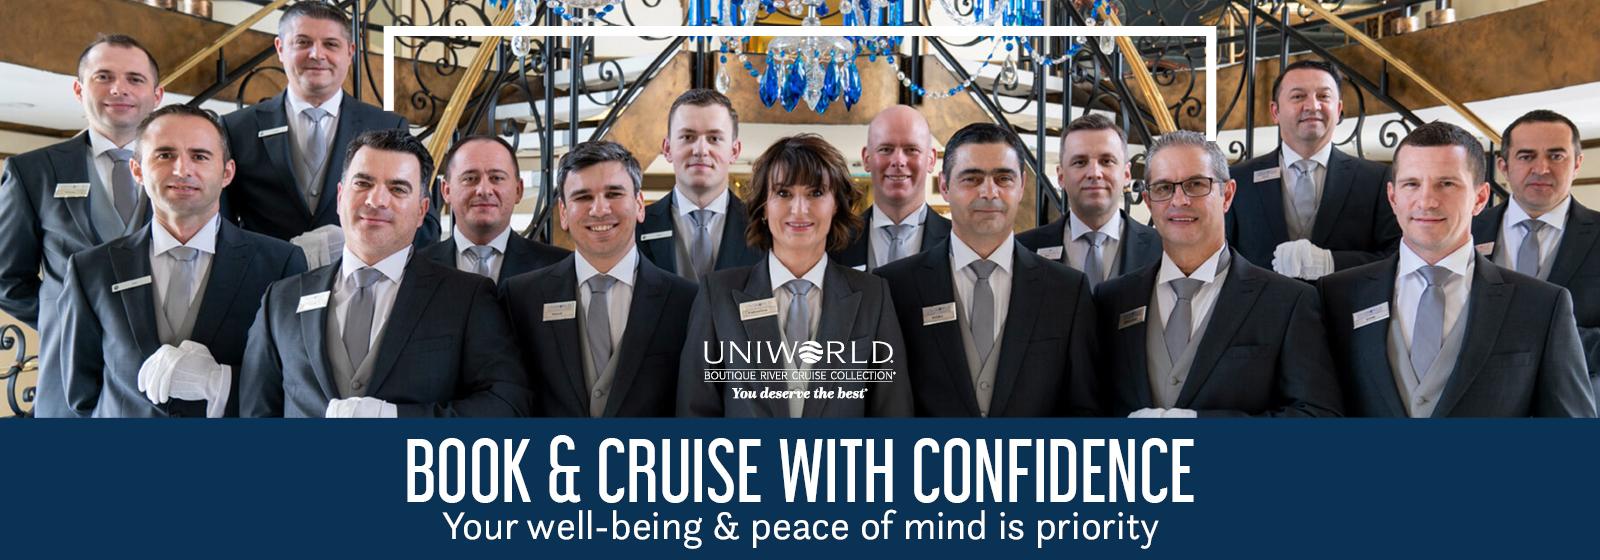 uniworld-confidence